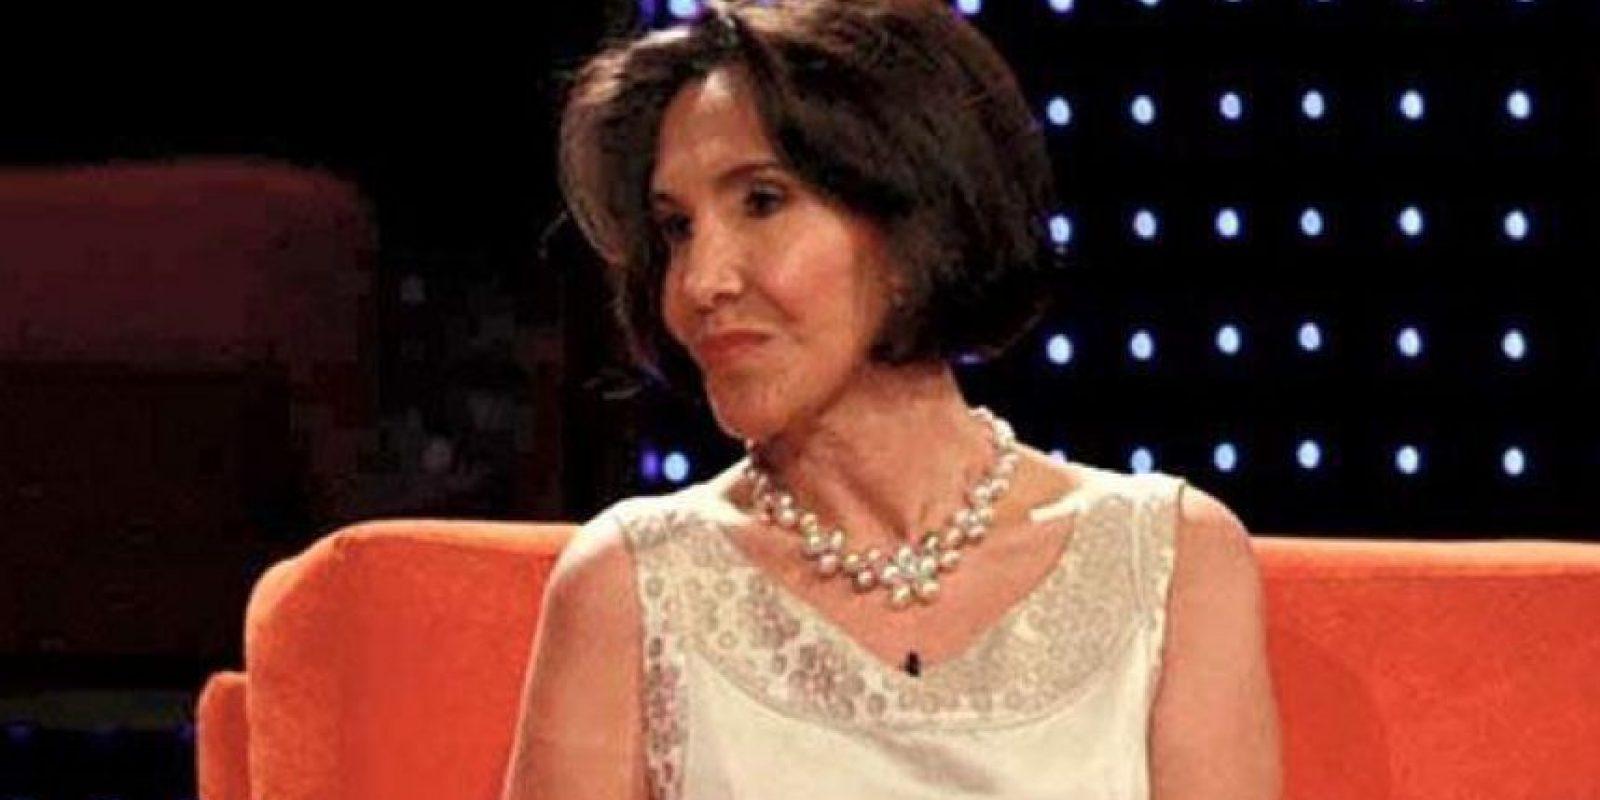 La actriz tiene 65 años Foto:Facebook Florinda Meza